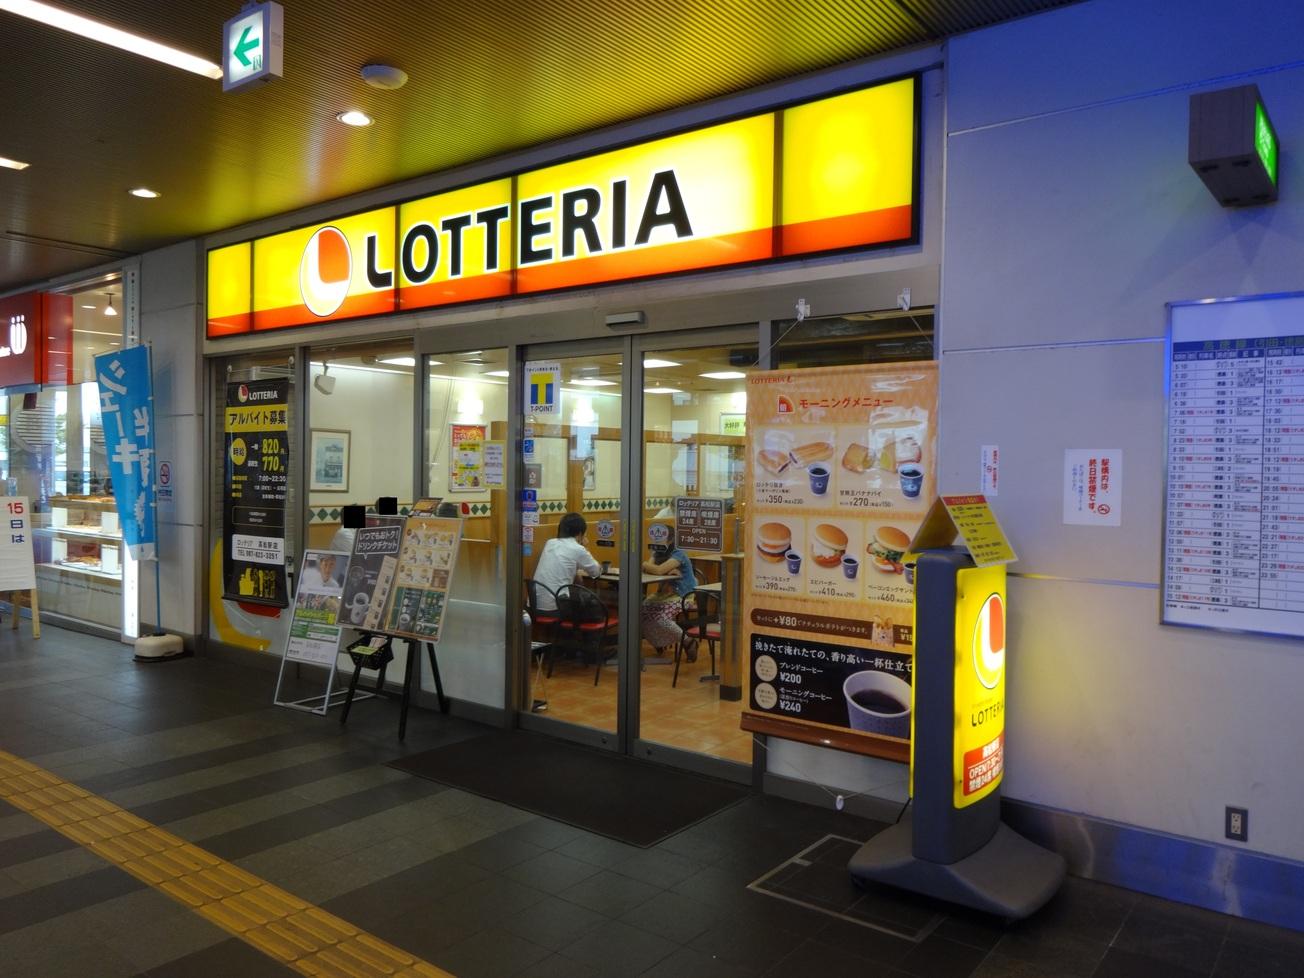 ロッテリア 高松駅店